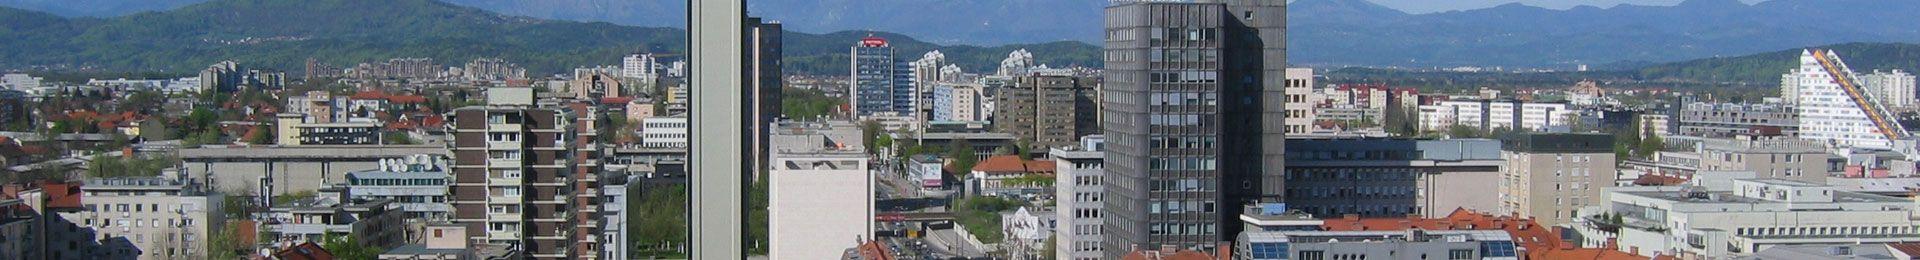 Ljubljana - nepremičnine